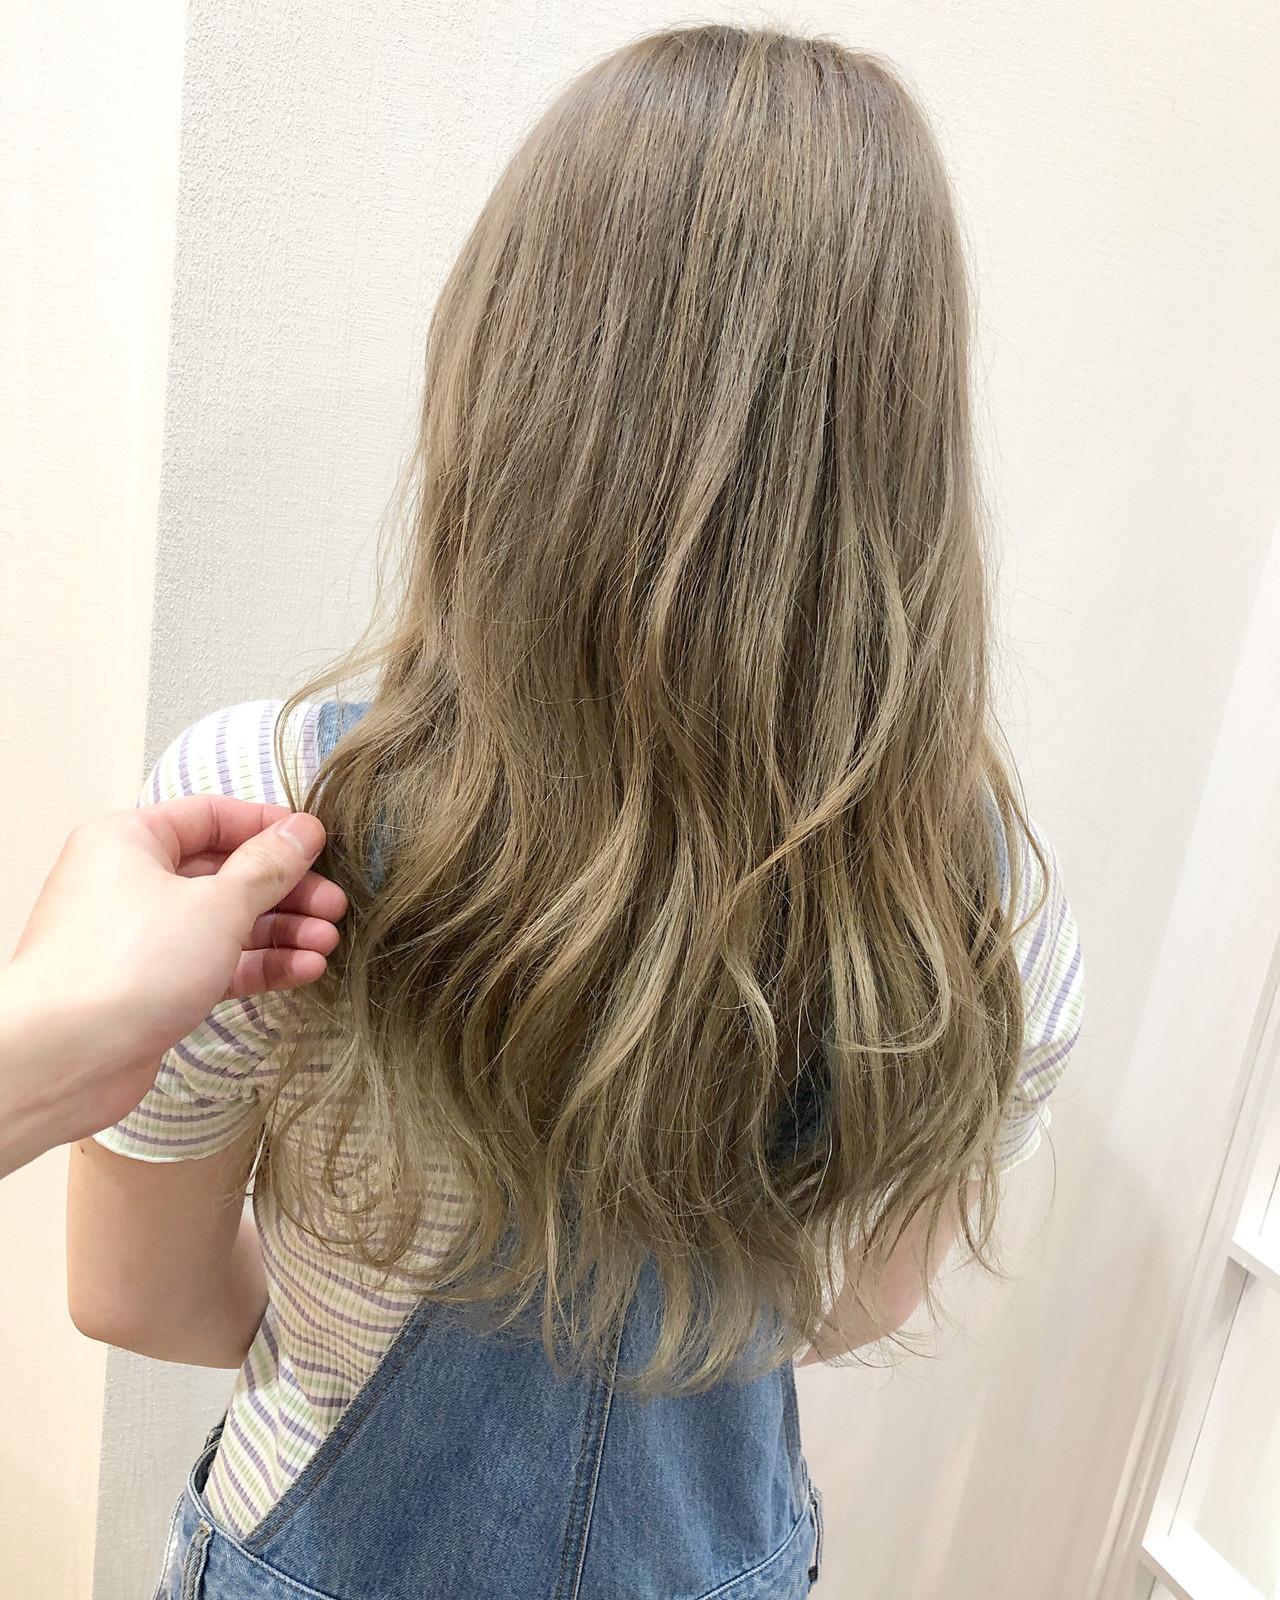 ミルクティー ミルクティーベージュ フェミニン 大人ロング ヘアスタイルや髪型の写真・画像